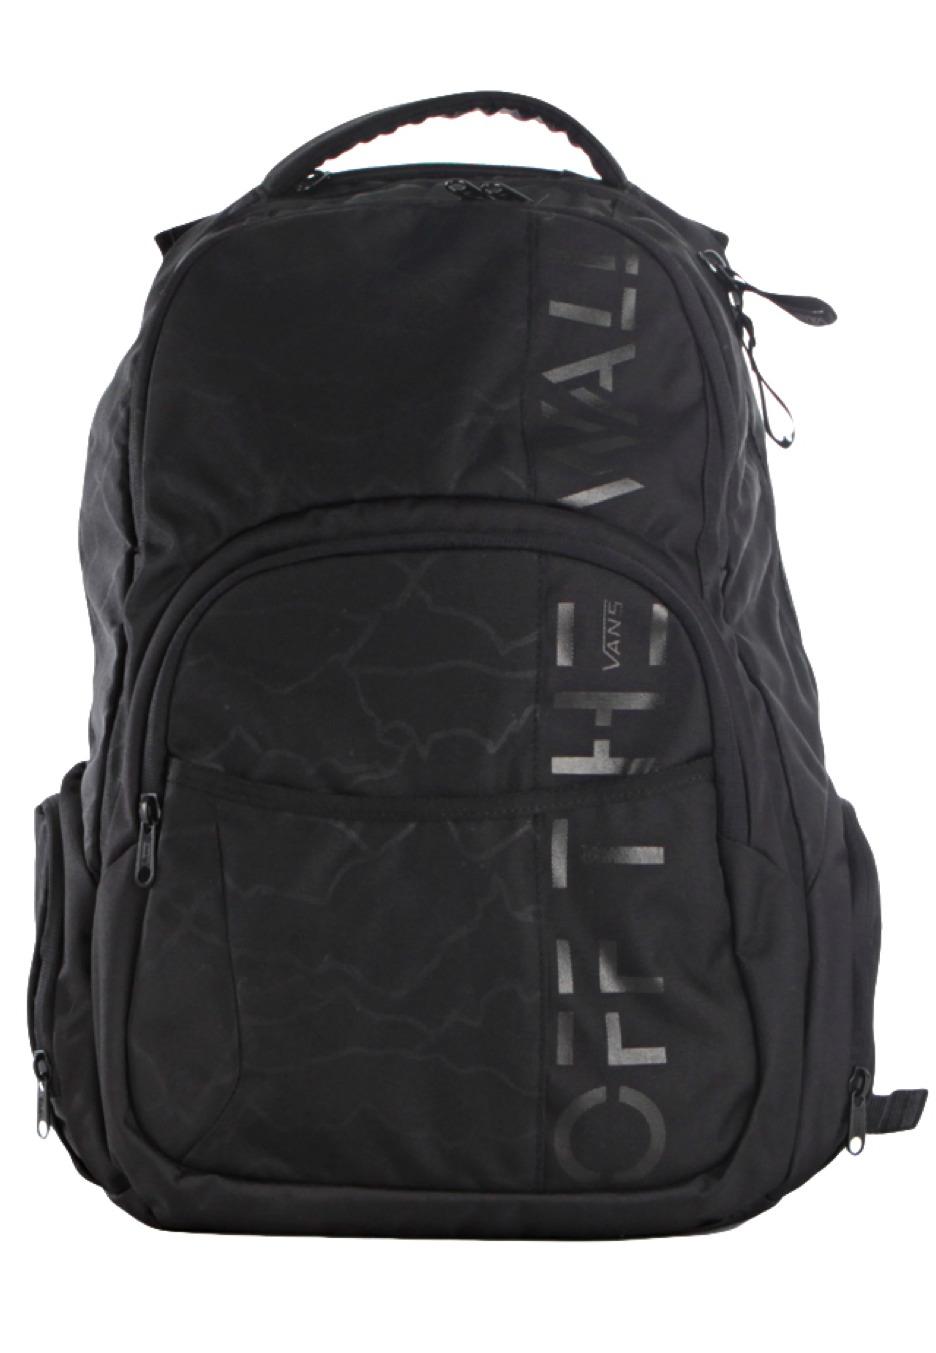 8bd1af6375c8 Clear Black Backpack- Fenix Toulouse Handball